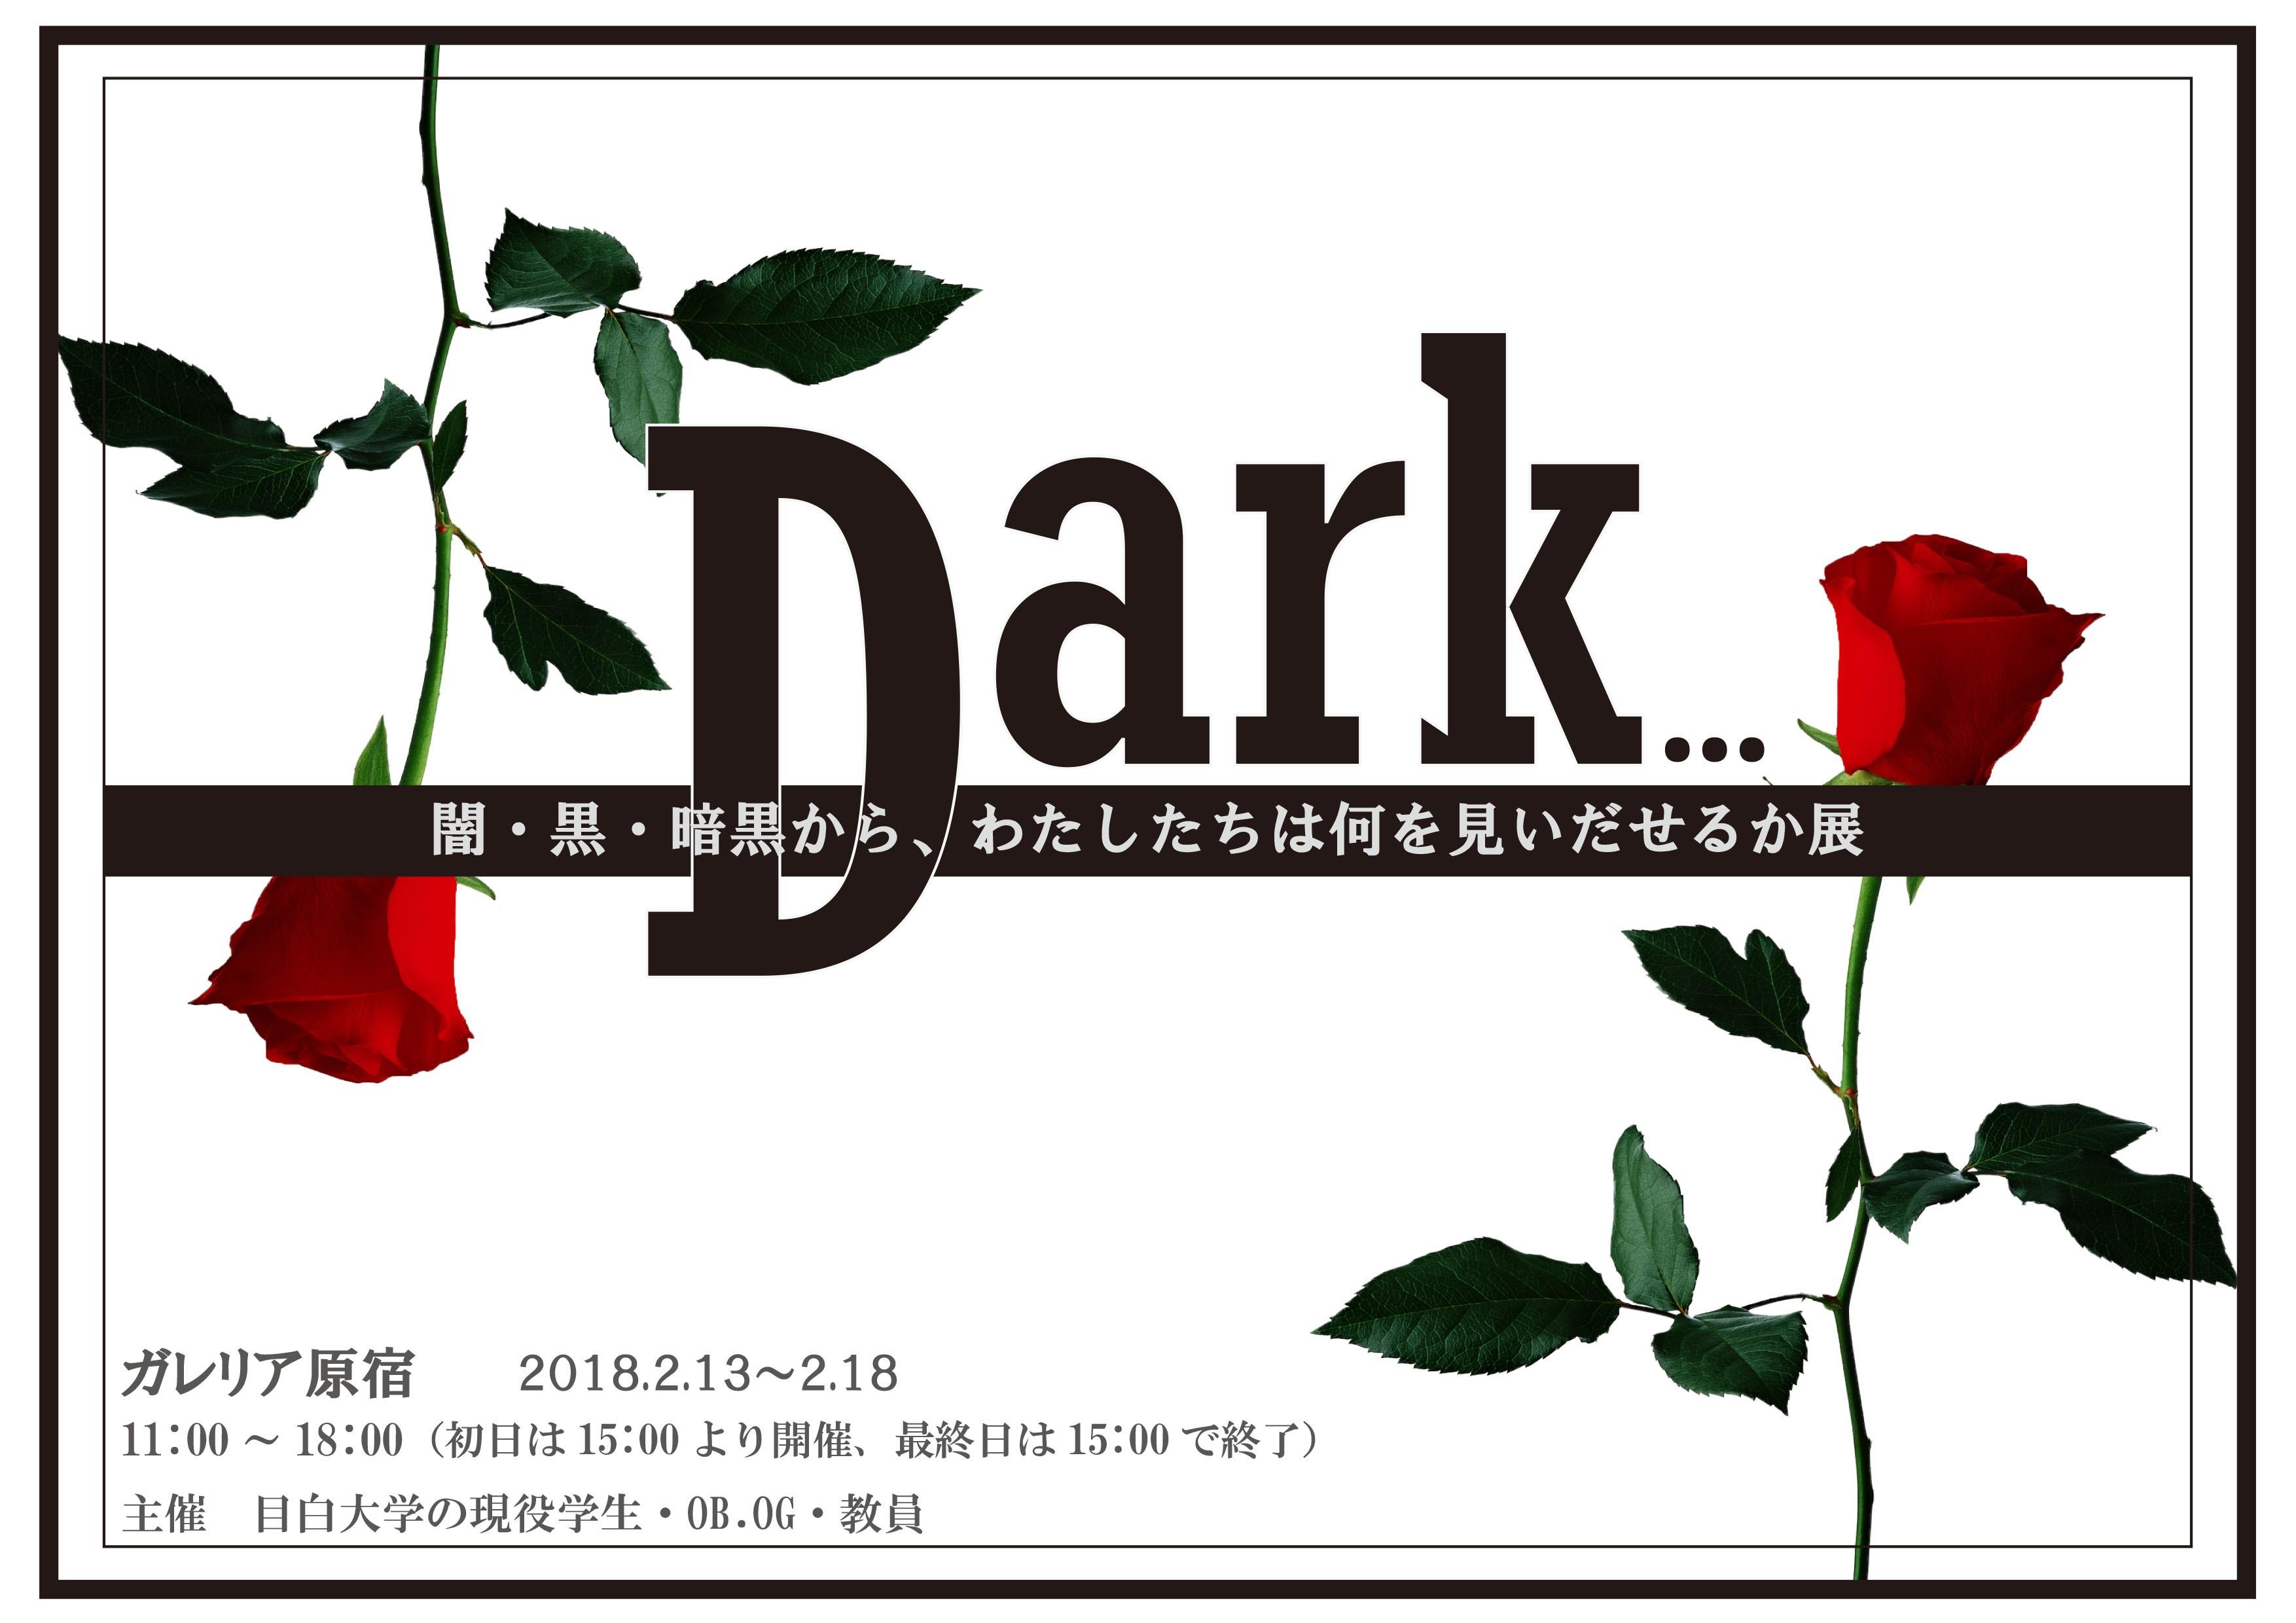 2018/2/13〜2/18 dark…闇・黒・暗黒から、 わたしたちは何を見いだせるか展